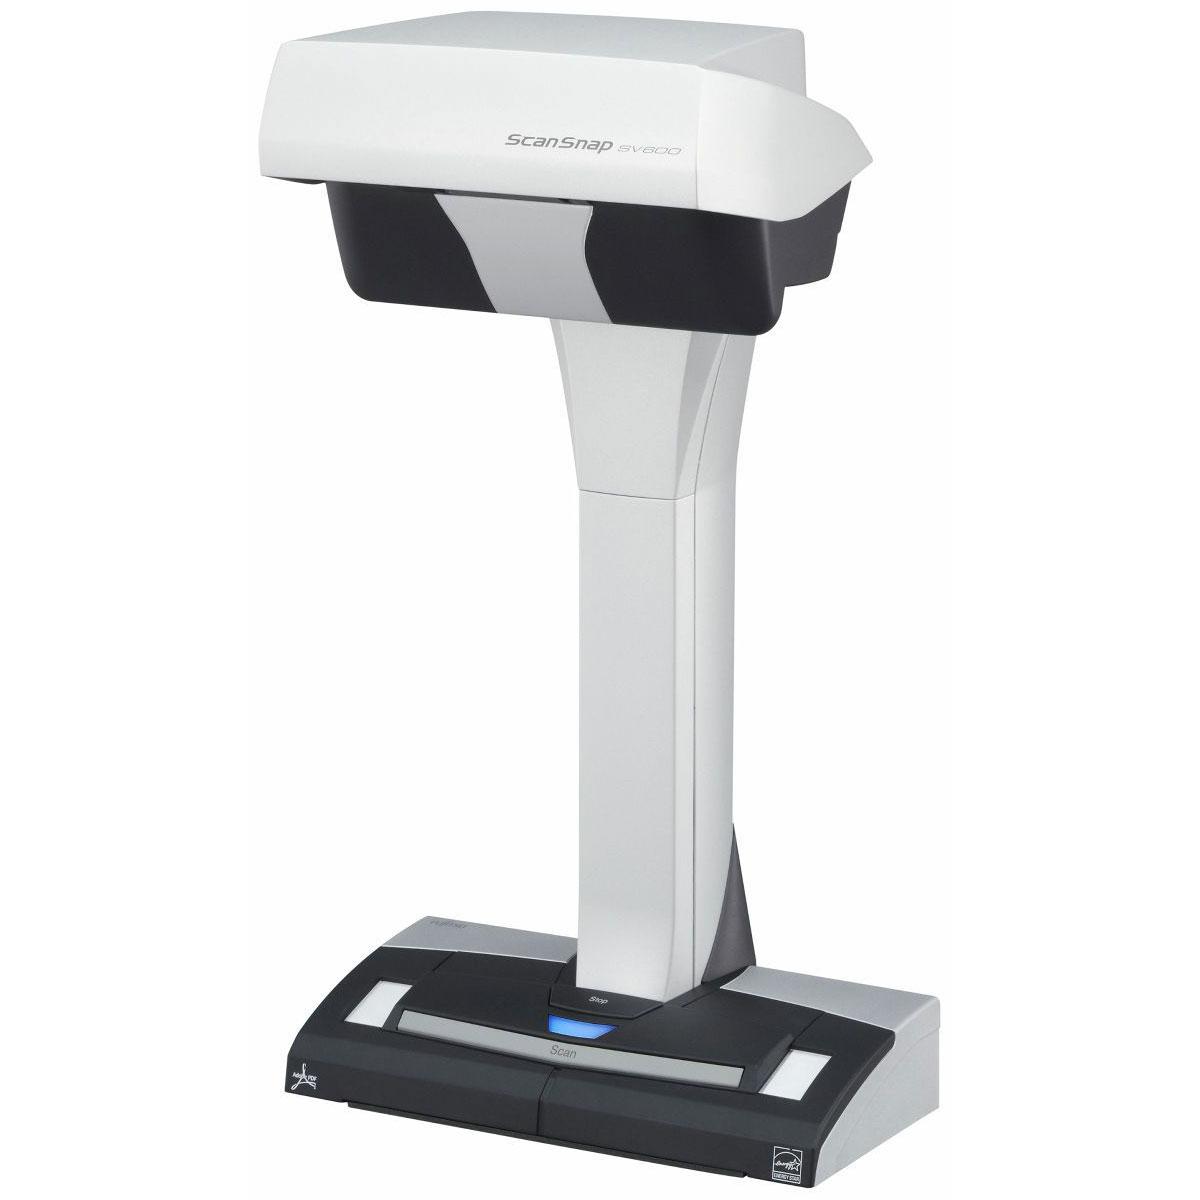 Scanner Fujitsu ScanSnap SV600 Scanner sur pied (USB 2.0)